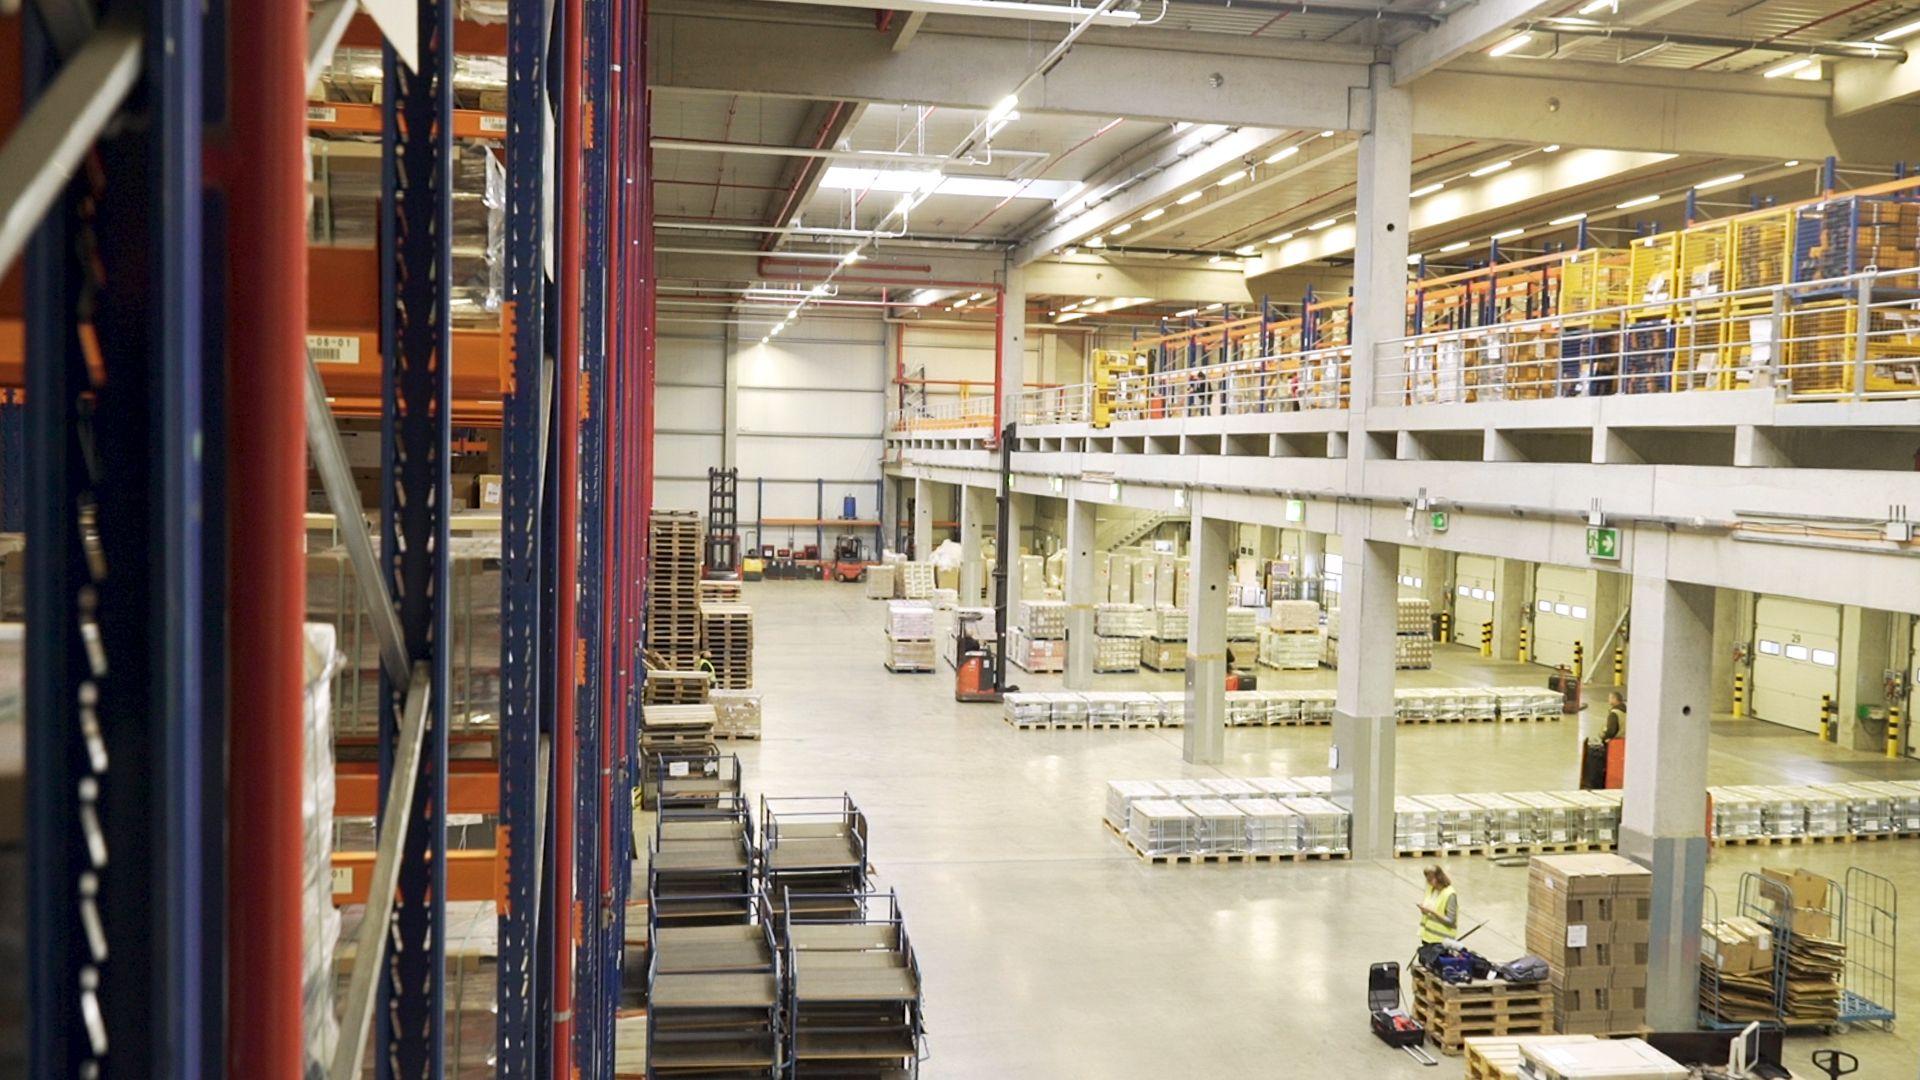 Hochregal- oder Bodenlager? Die Georg Ebeling Spedition GmbH nutzt beide Lagersysteme. Welche Technik sich für welchen Anwendungsfall eignet, können Unternehmen mit dem kostenlosen Software-Demonstrator des IPH herausfinden. Foto: Beatrix Kamlage, IPH